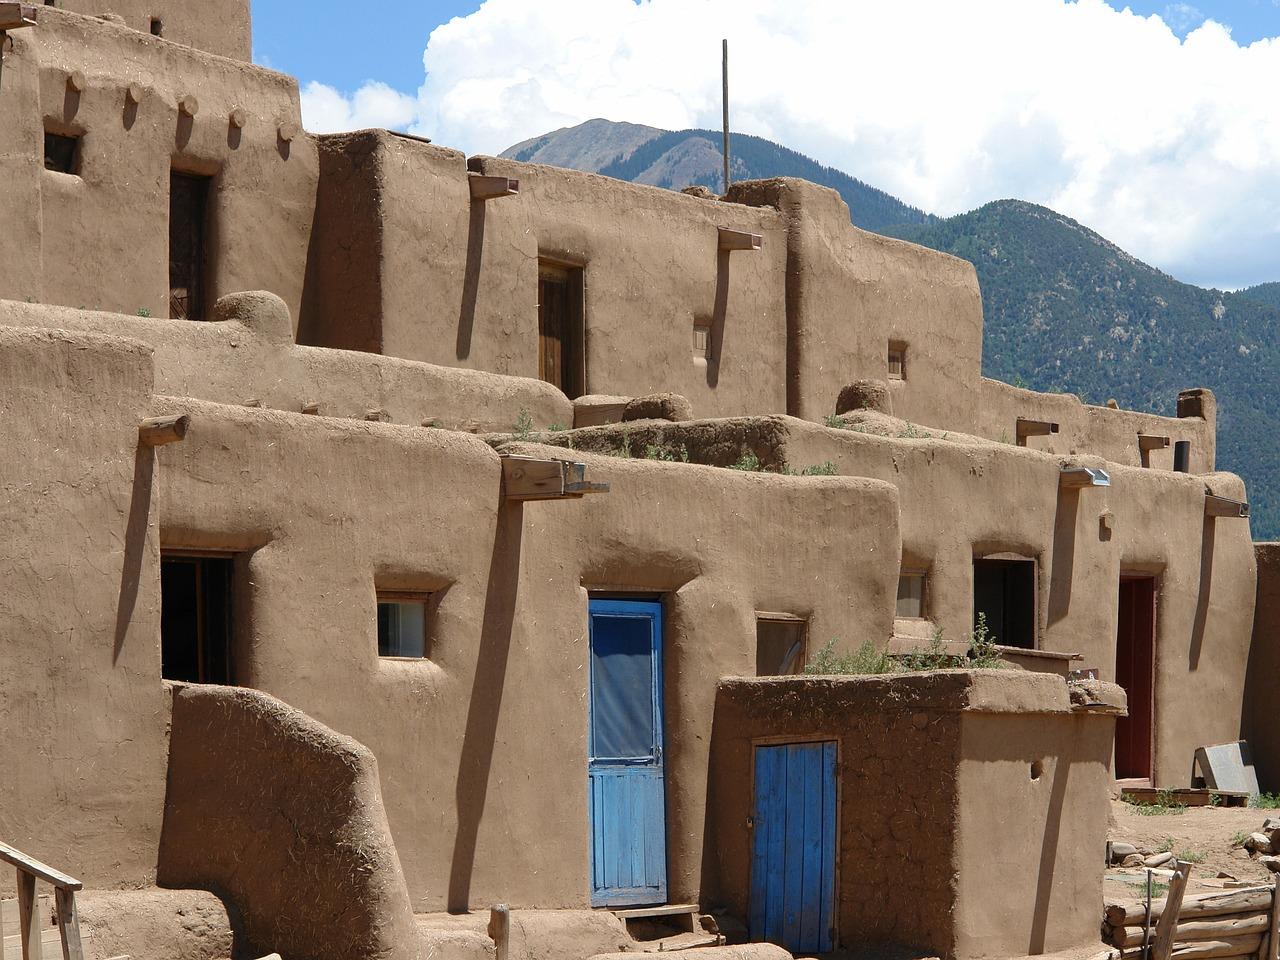 ニュー メキシコ州 家 - Pixabayの無料写真